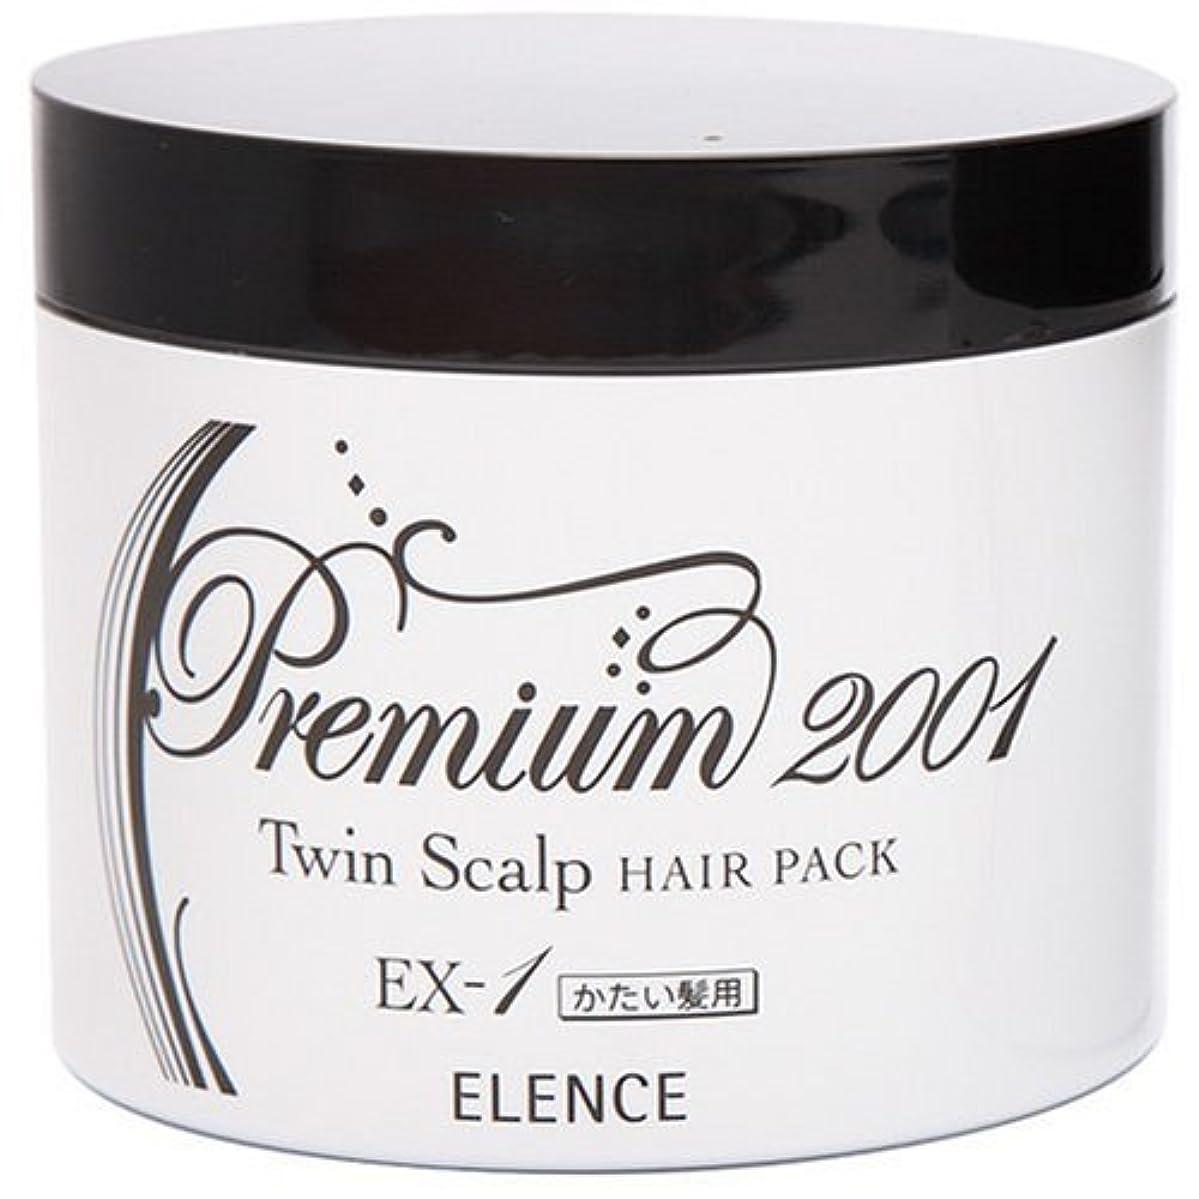 過言和らげる女優エレンス2001 ツインスキャルプヘアパックEX-1(かたい髪用)